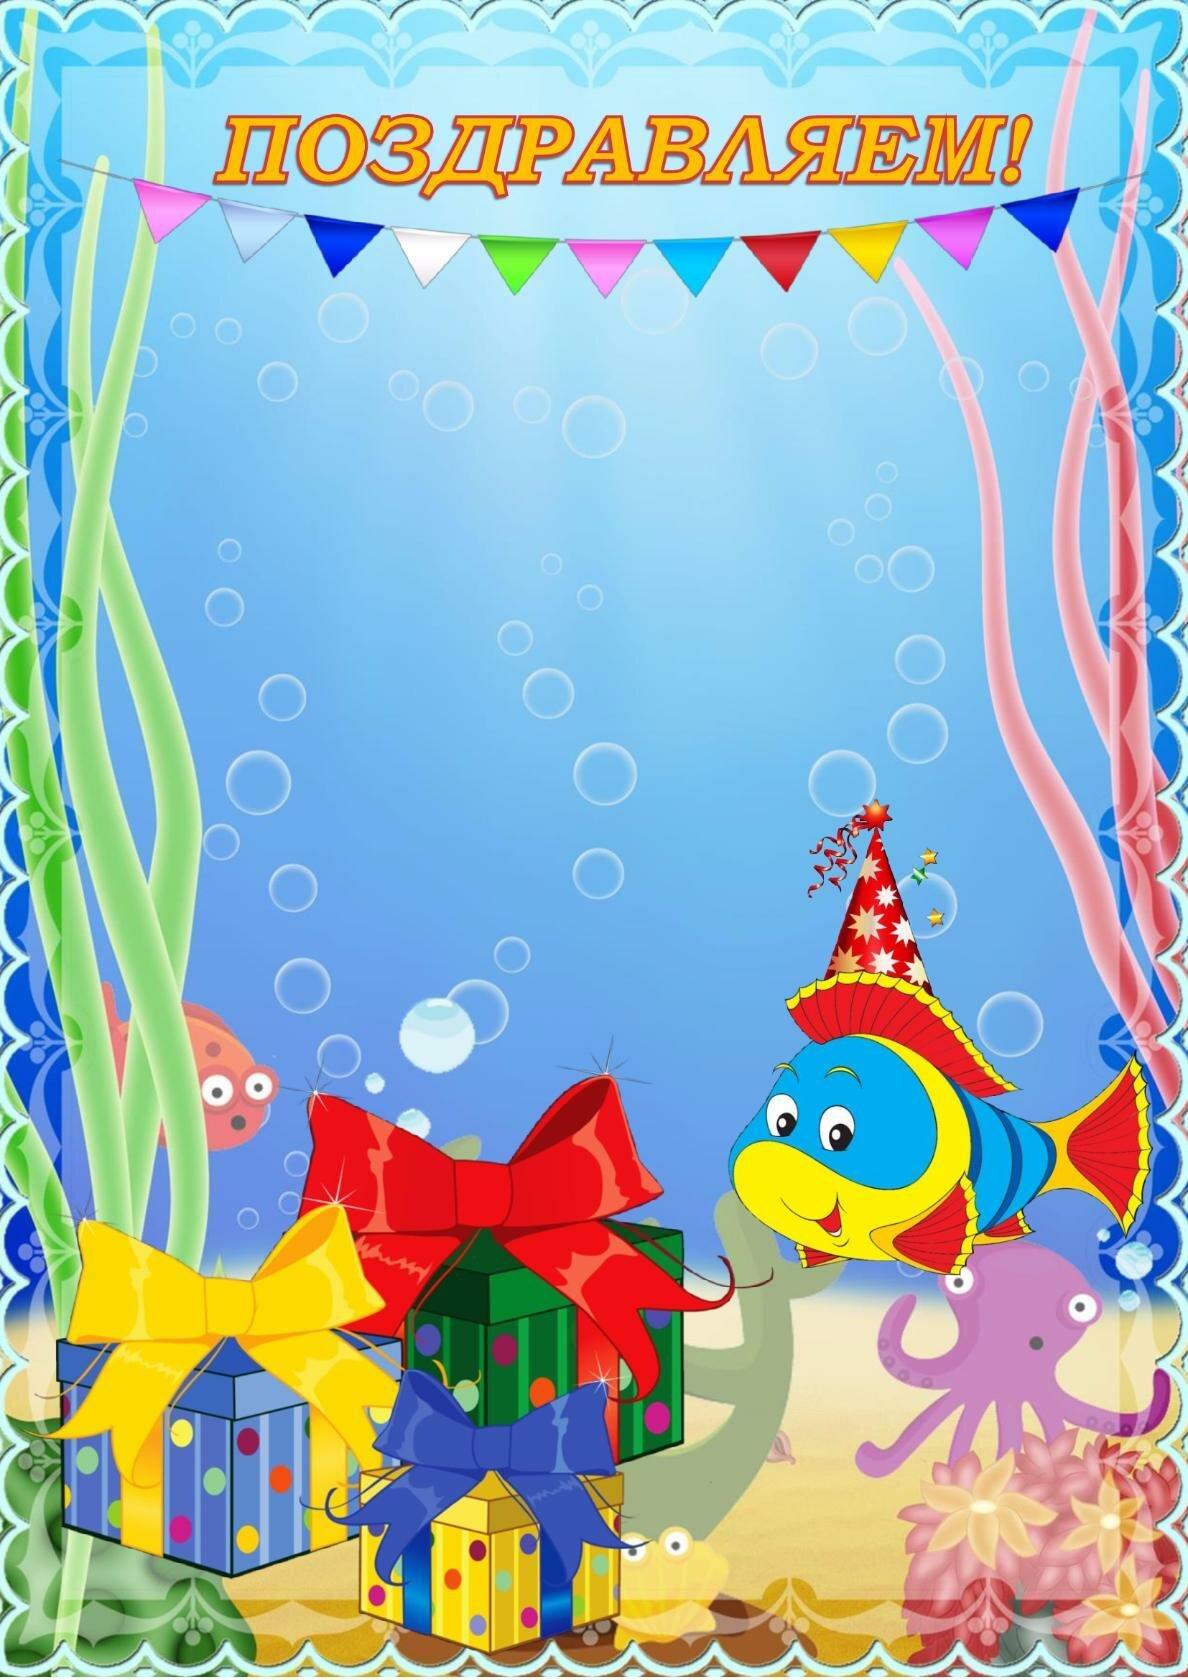 Картинки морской тематики для детского сада для оформления, открытки